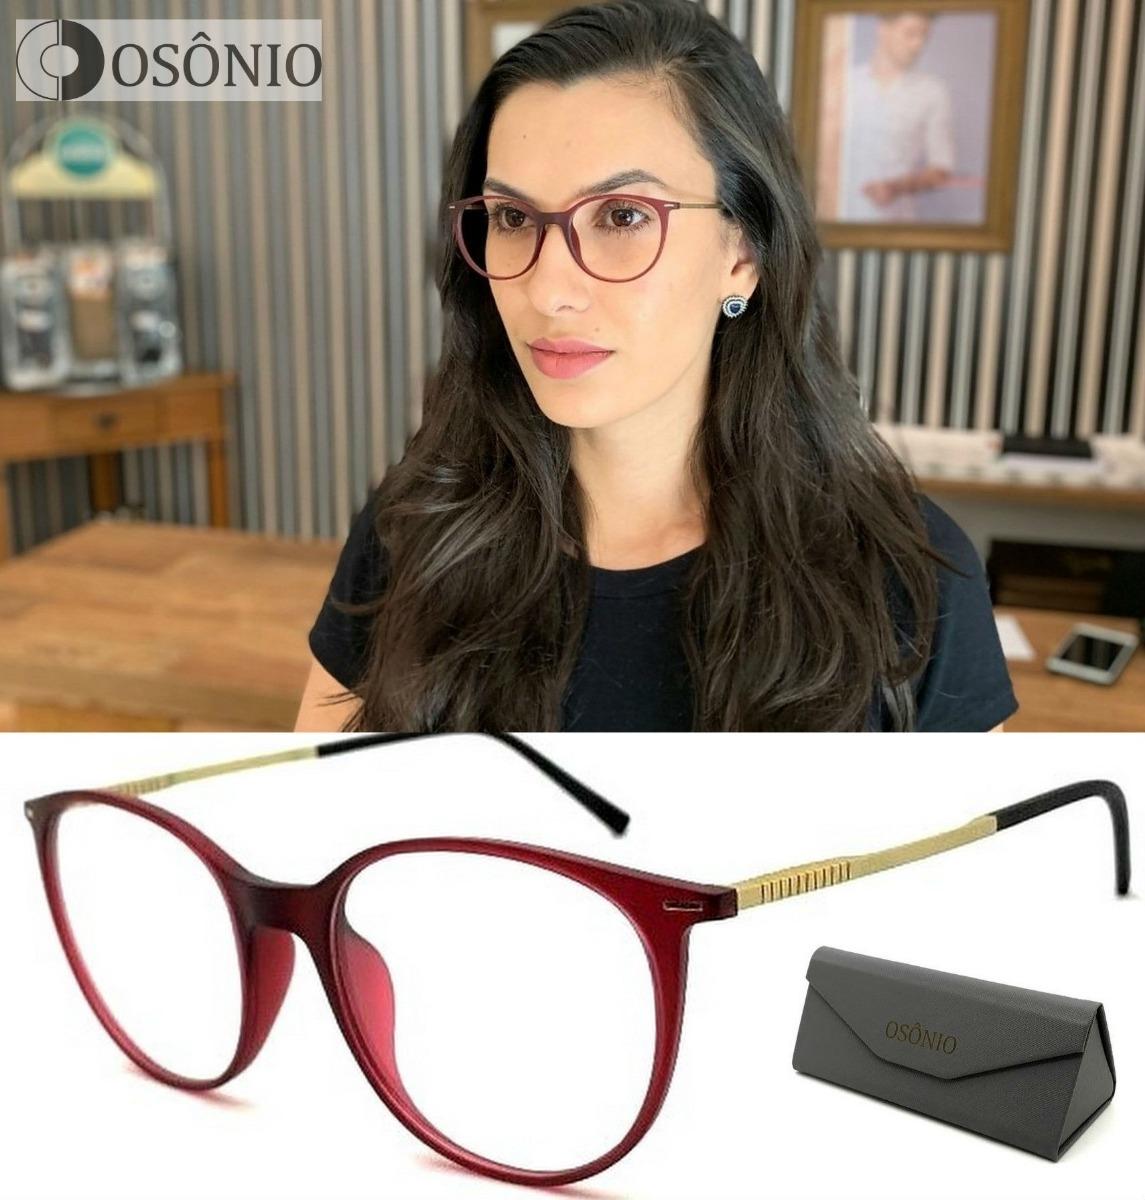 b1d4909d4 Armação Óculos Grau Redondo Osônio Os52 Original Premium - R$ 70,00 ...